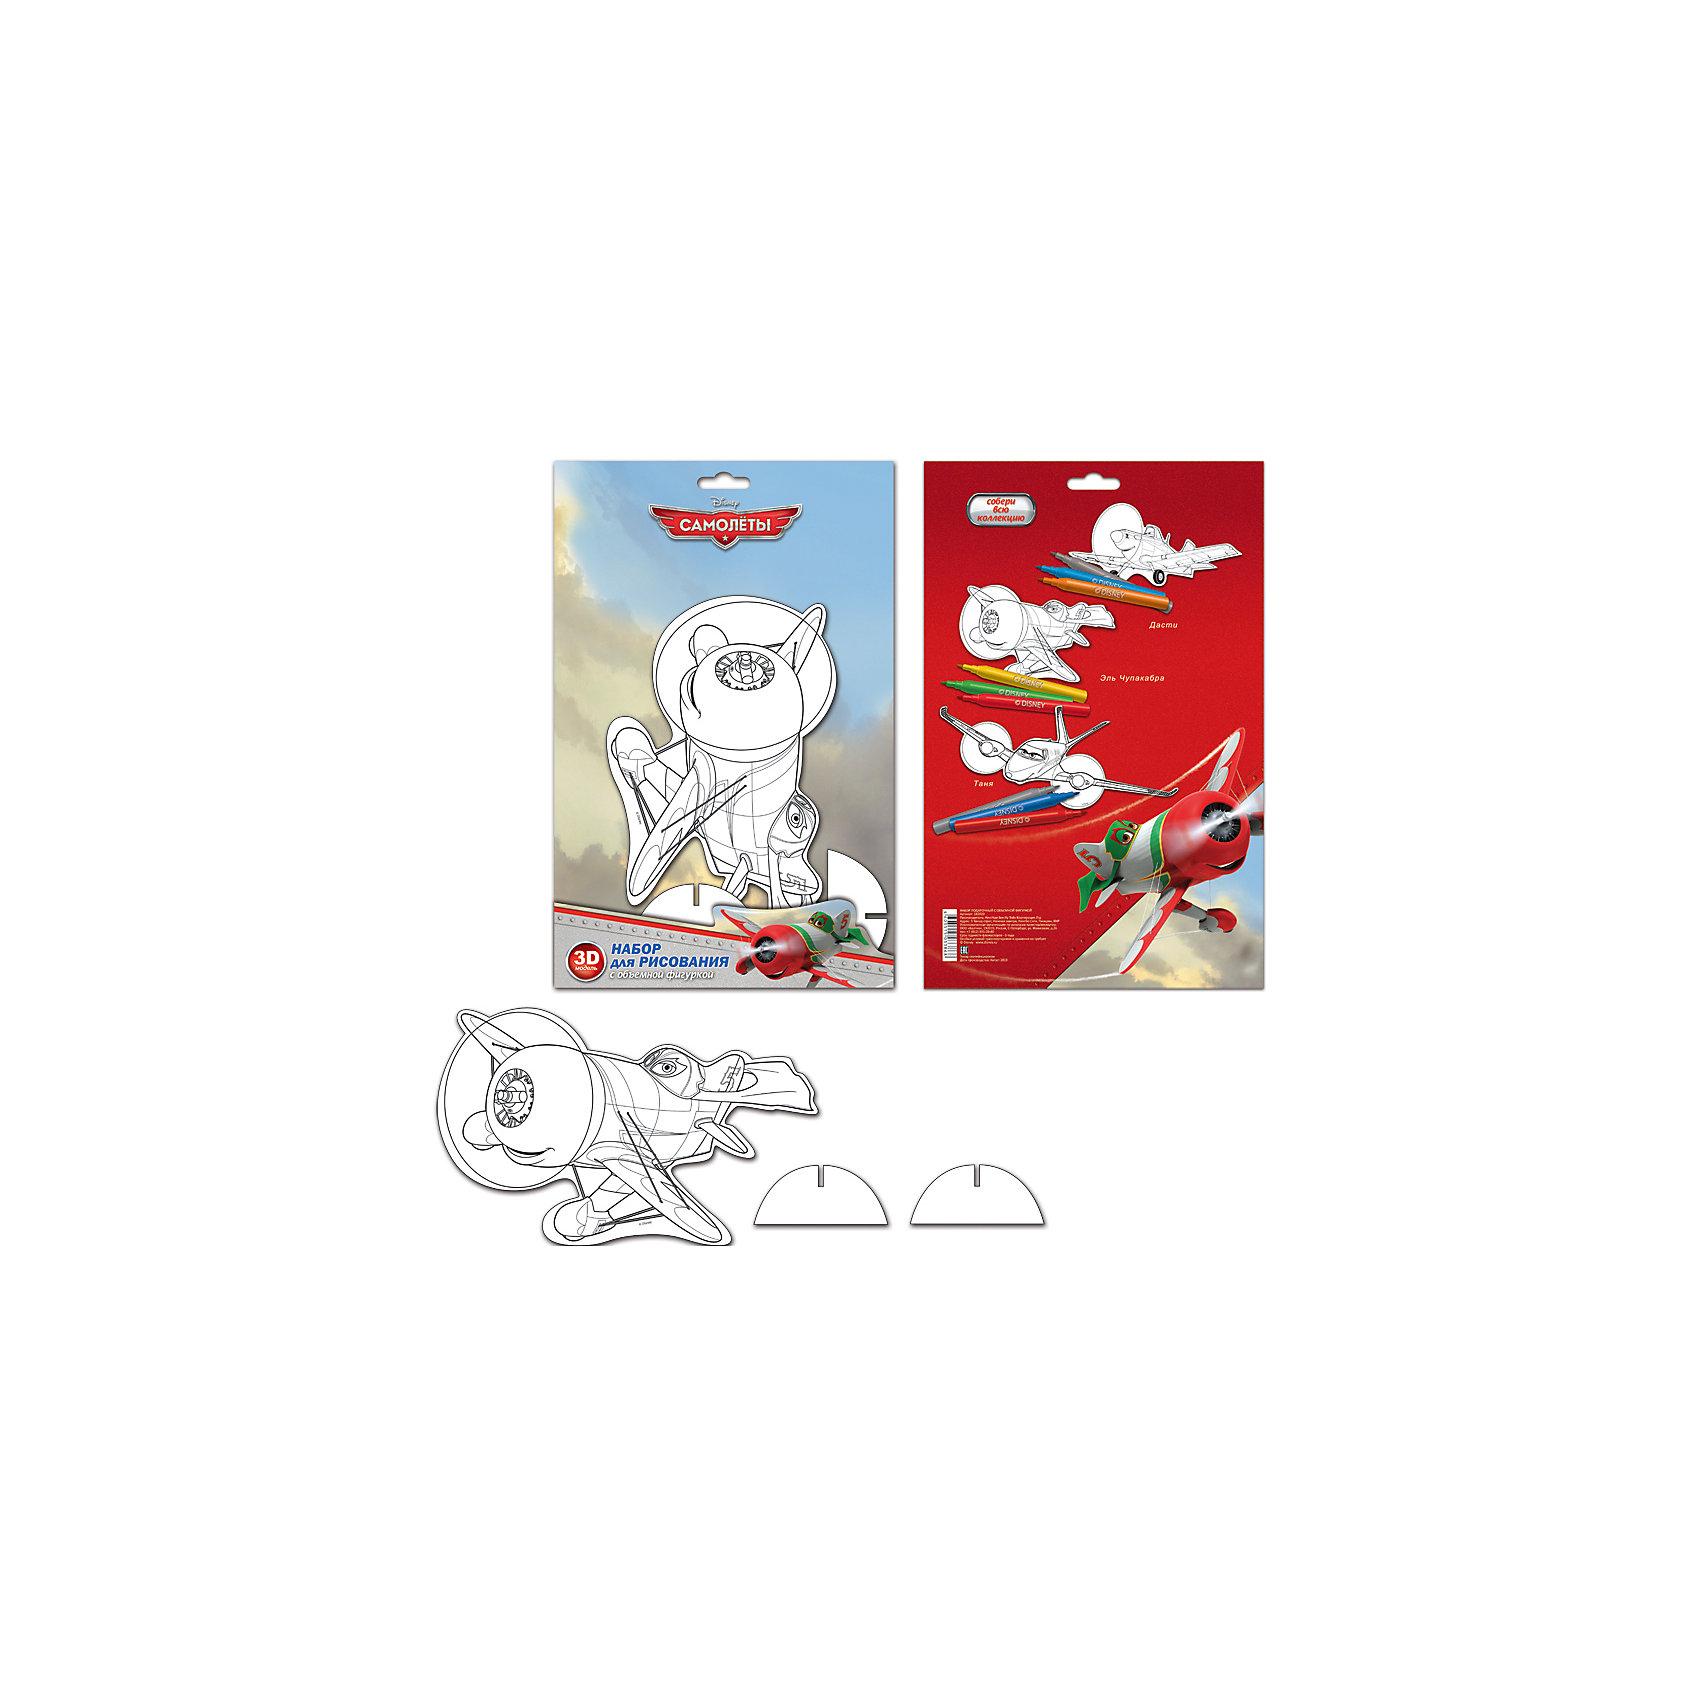 Набор для рисования с фигуркой и фломастерами Disney СамолетыНаборы для раскрашивания<br>Характеристики товара:<br><br>• в комплекте: модель самолета из картона А5, 3 фломастера, подставка;<br>• возраст: от 3 лет;<br>• размер упаковки: 31х2,5х20 см;<br>• вес: 160 грамм.<br><br>Увлекательный набор для рисования не даст ребенку заскучать. В набор входит модель самолета из мультсериала Самолеты, подставка для модели и три фломастера. Ребенок сможет раскрасить любимого героя, установить его на подставку, чтобы украсить комнату. Такая игра поможет развить мелкую моторику, художественный вкус, фантазию и цветовое восприятие.<br><br>Набор для рисования с фигуркой и фломастерами Disney (Дисней) Самолеты можно купить в нашем интернет-магазине.<br><br>Ширина мм: 200<br>Глубина мм: 25<br>Высота мм: 310<br>Вес г: 125<br>Возраст от месяцев: 72<br>Возраст до месяцев: 108<br>Пол: Мужской<br>Возраст: Детский<br>SKU: 7029904